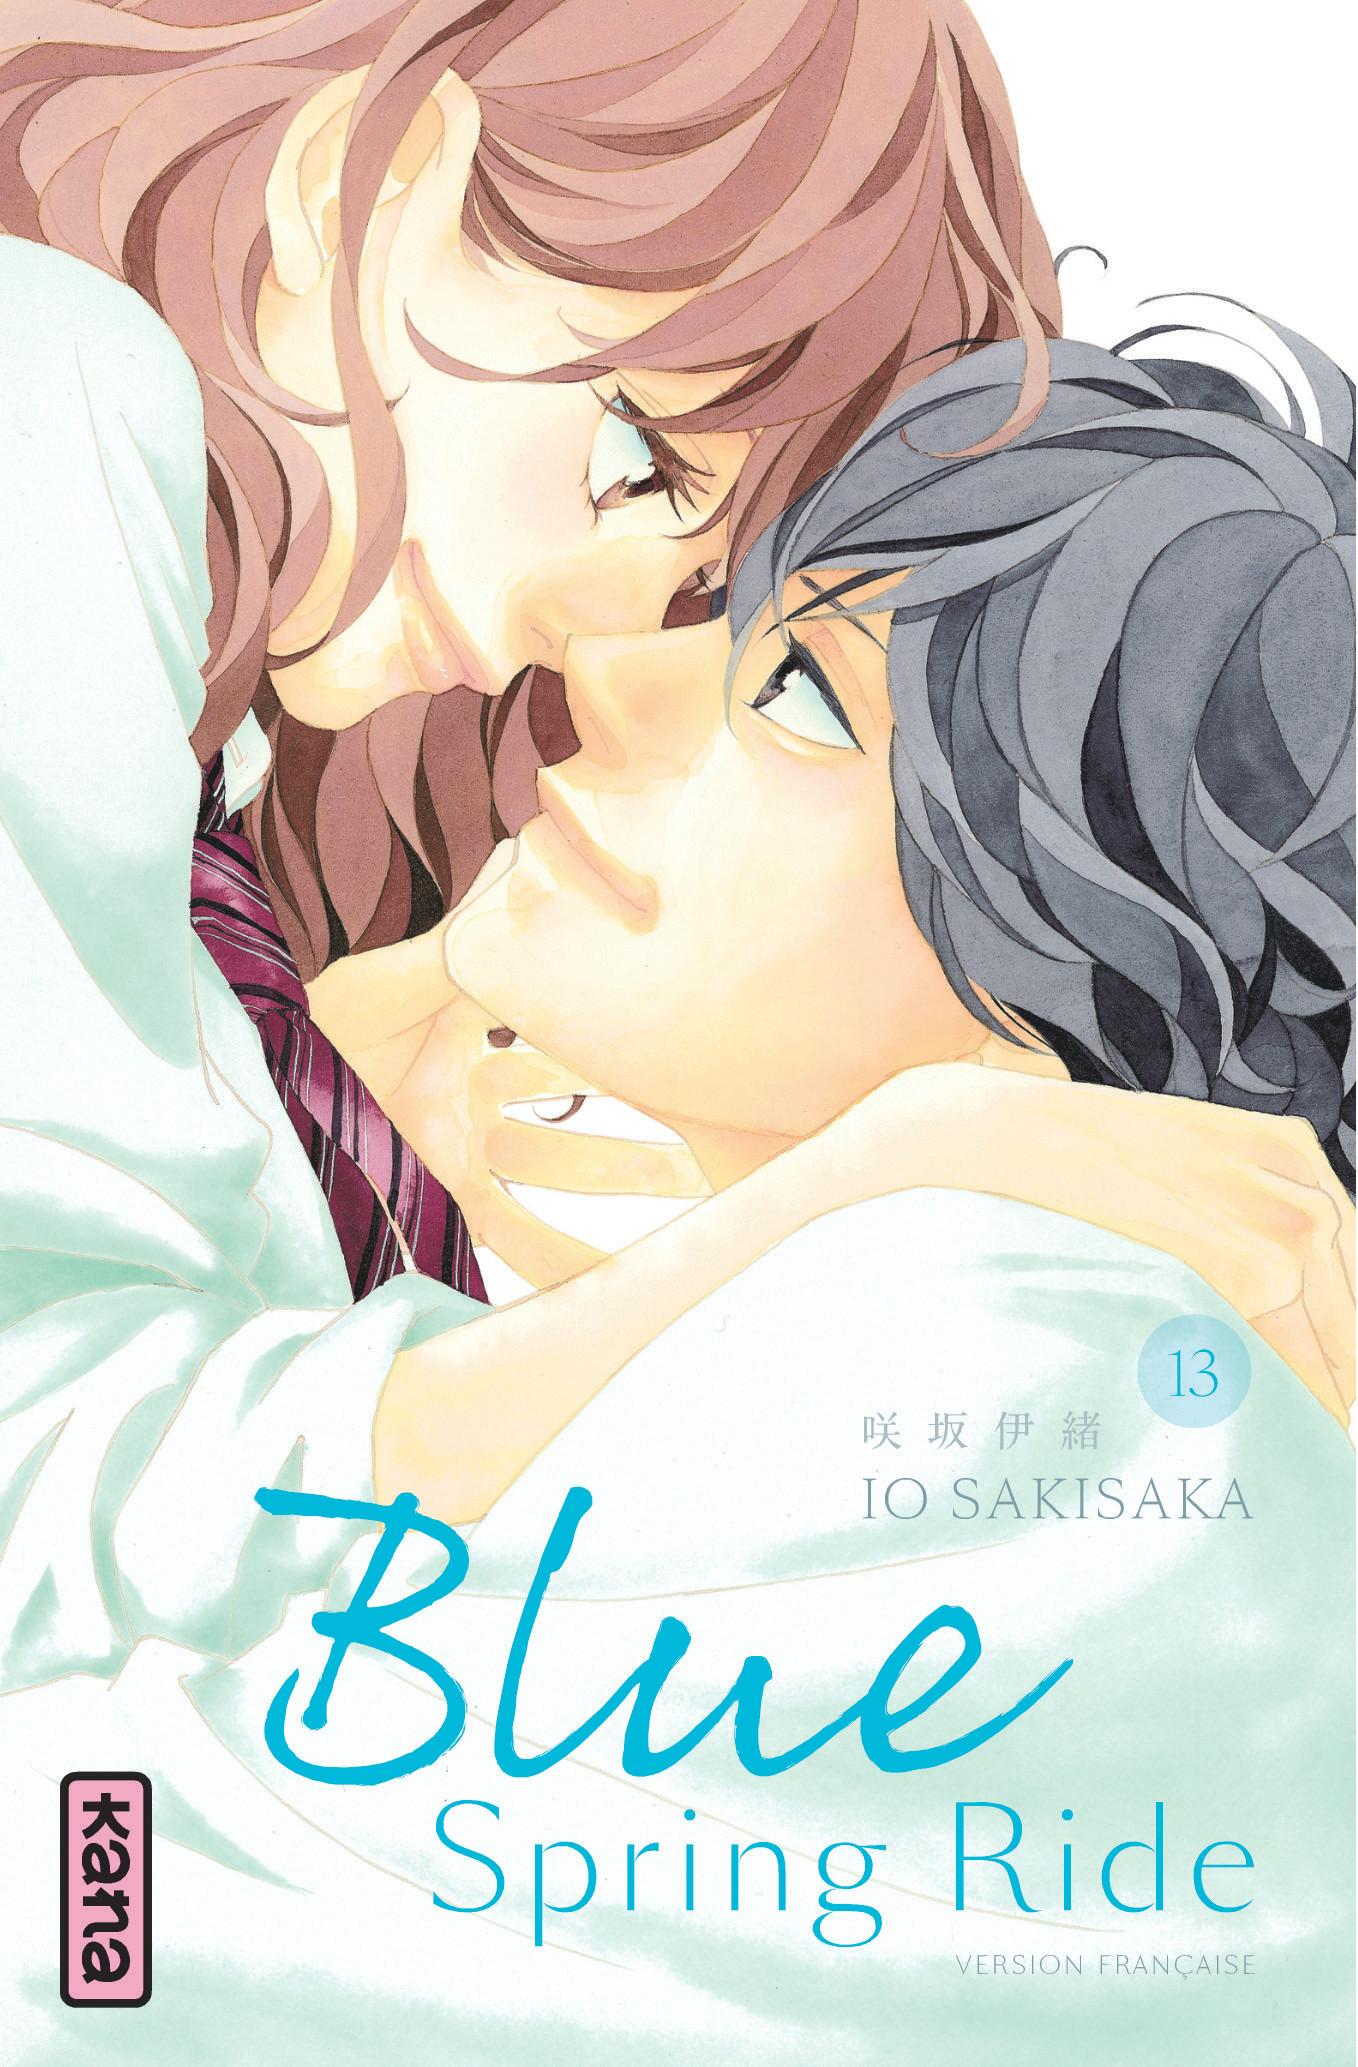 ao haru ride - [MANGA/ANIME] Blue Spring Ride (Ao Haru Ride) - Page 4 Blue-spring-ride-manga-volume-13-simple-245006